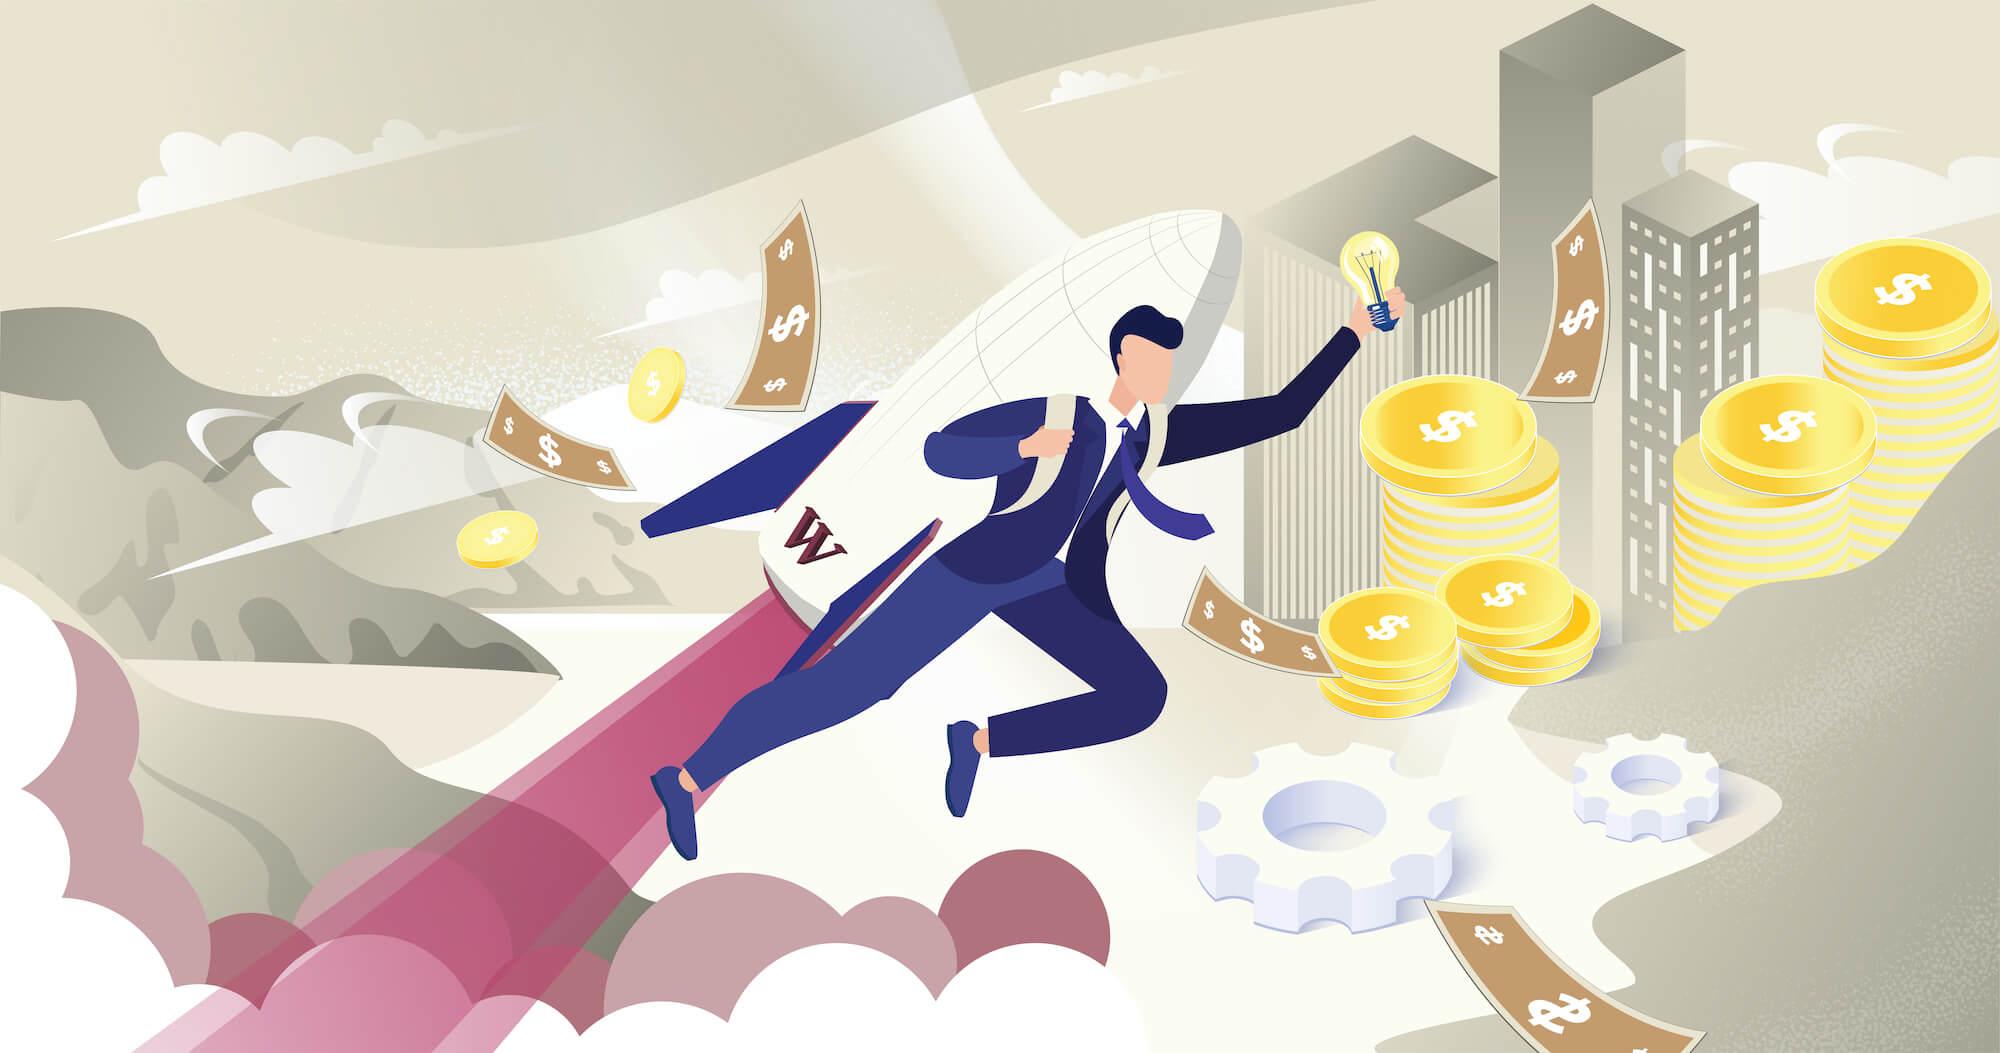 หลักการ Best Owner สำหรับการลงทุนเพื่อ Innovation